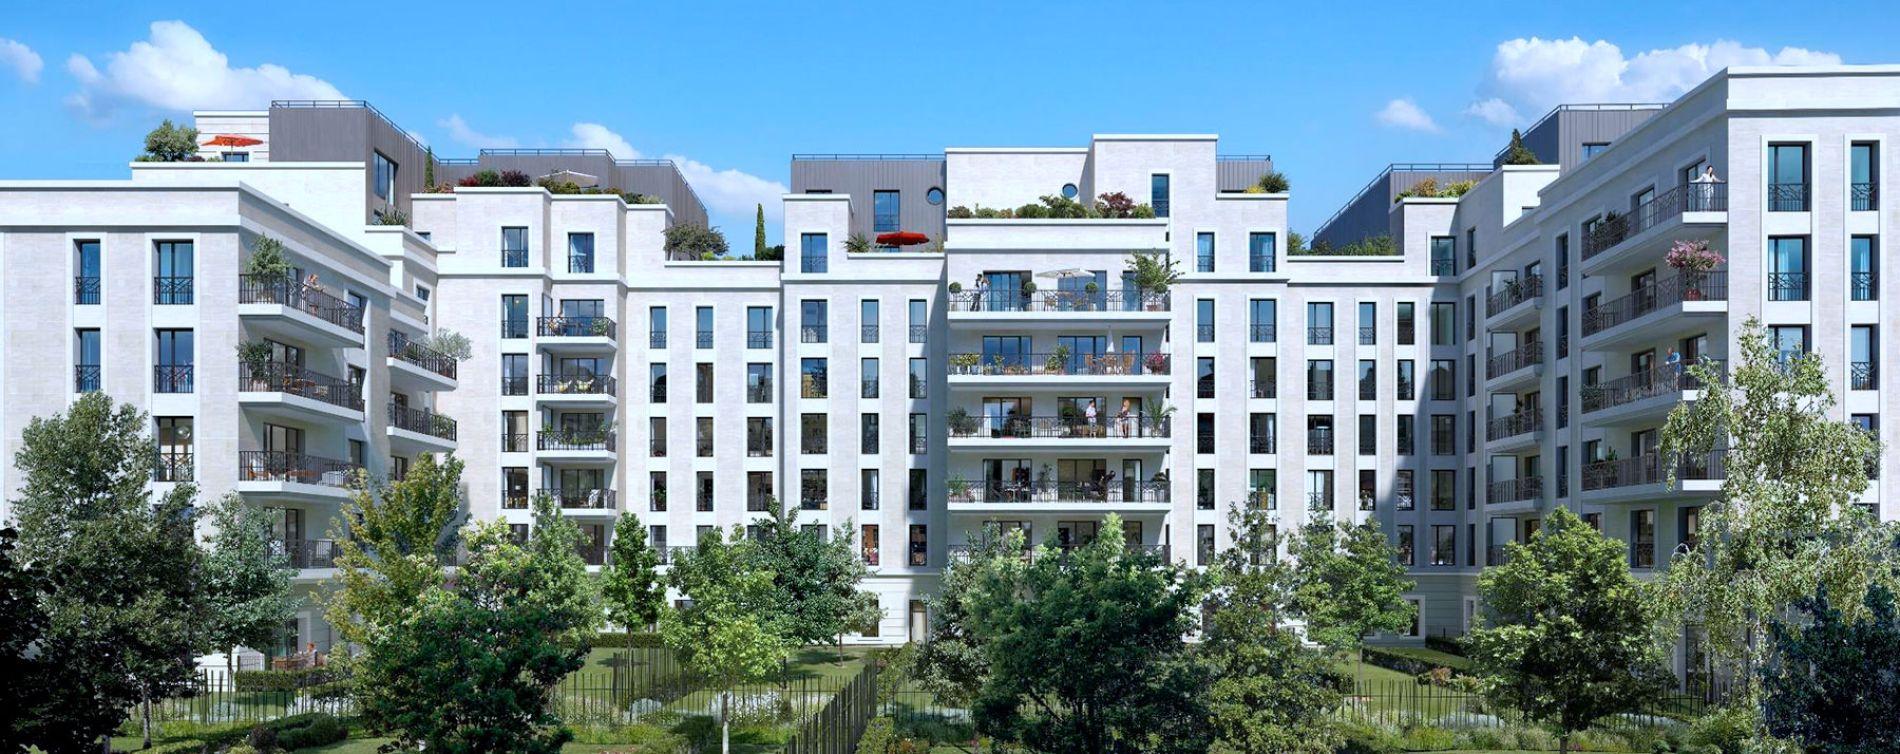 Résidence Rue Pablo Picasso - Bât. A à Saint-Ouen-sur-Seine